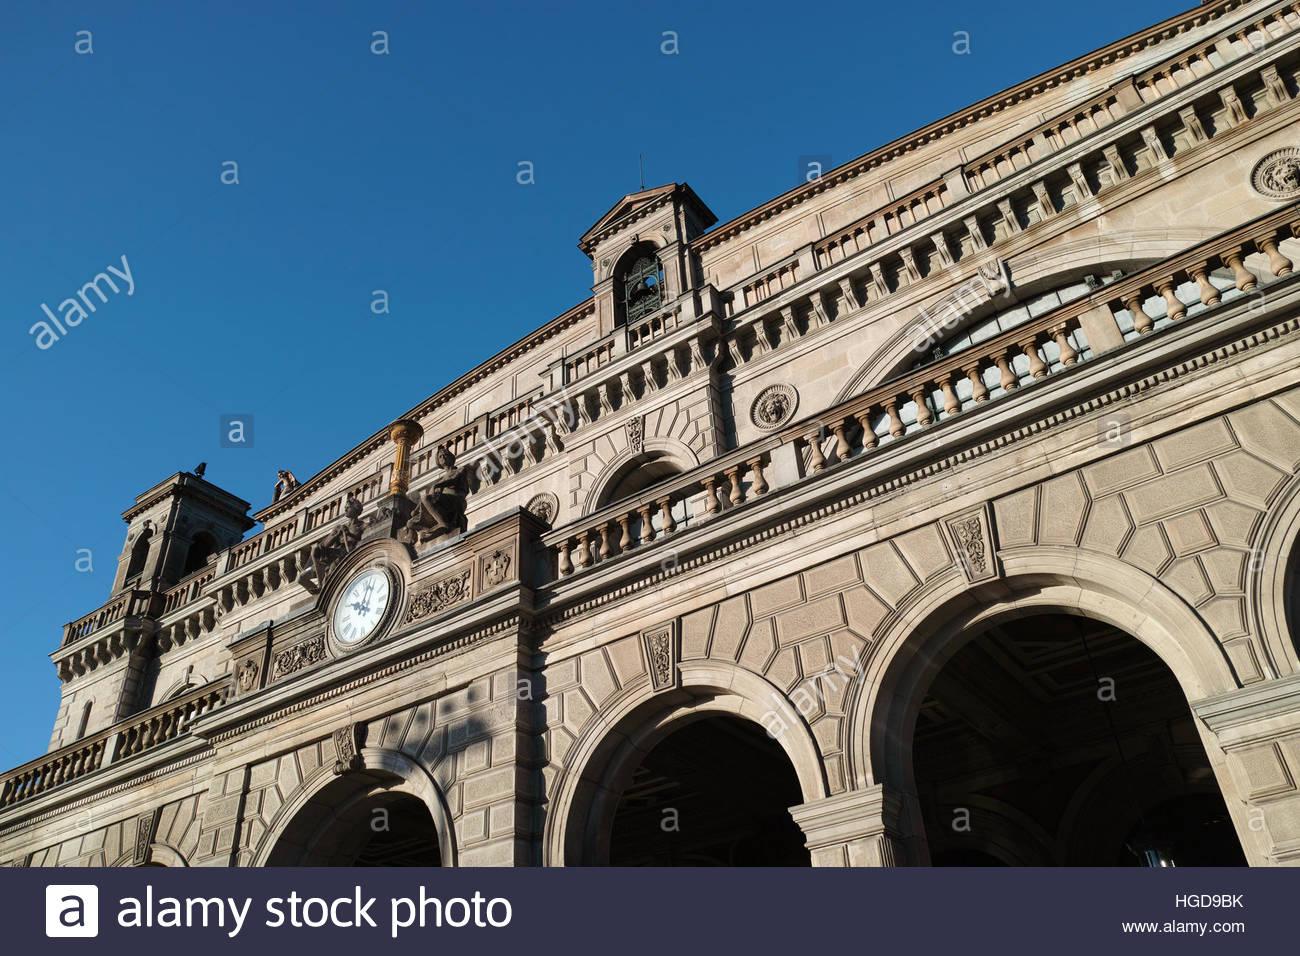 zurich-hauptbahnhof-railway-station-faca